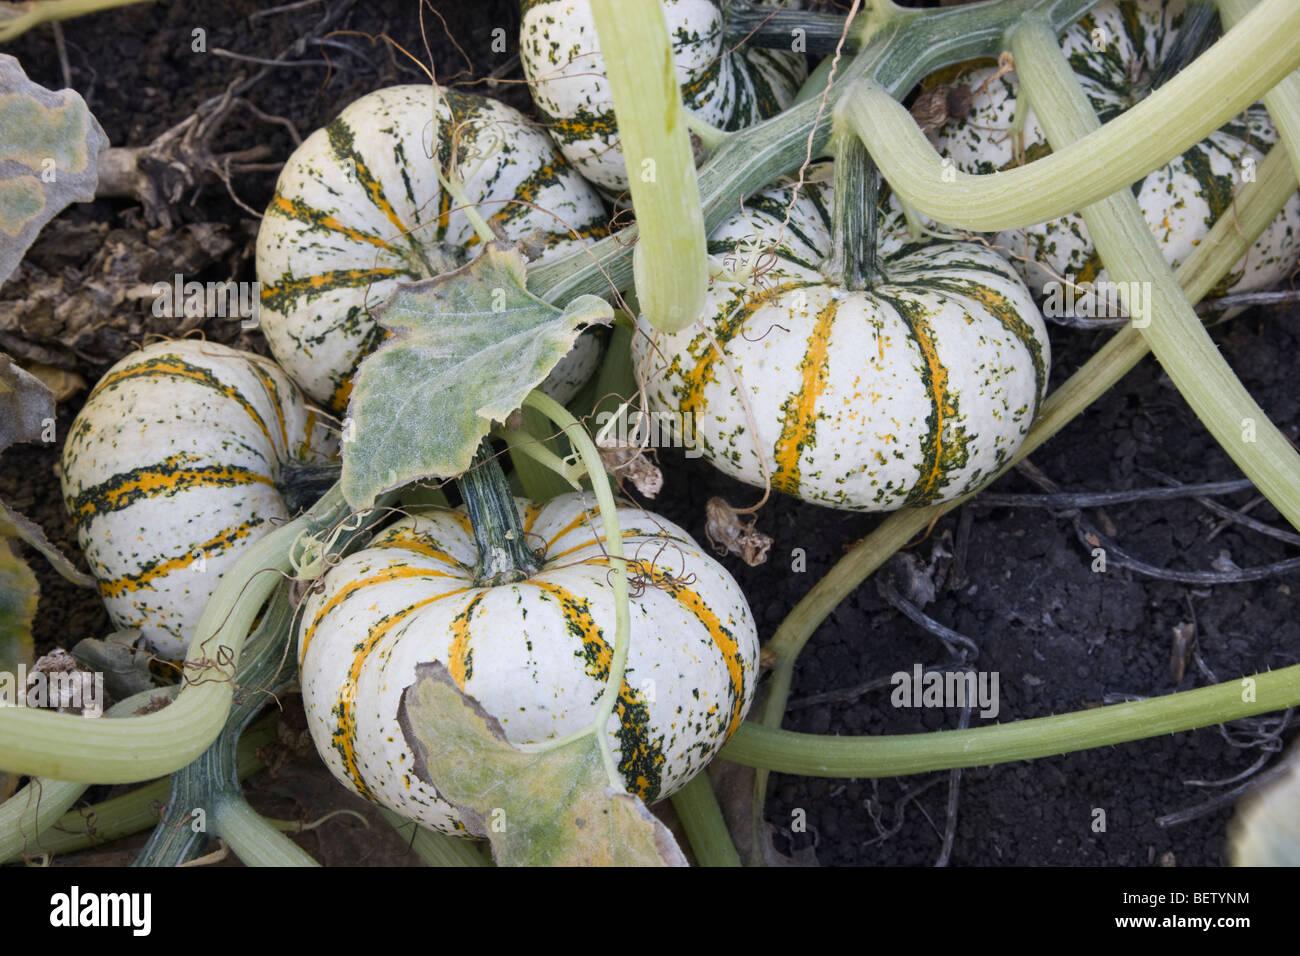 Lil' Tiger Stripe Pumpkins maturing on vine, - Stock Image